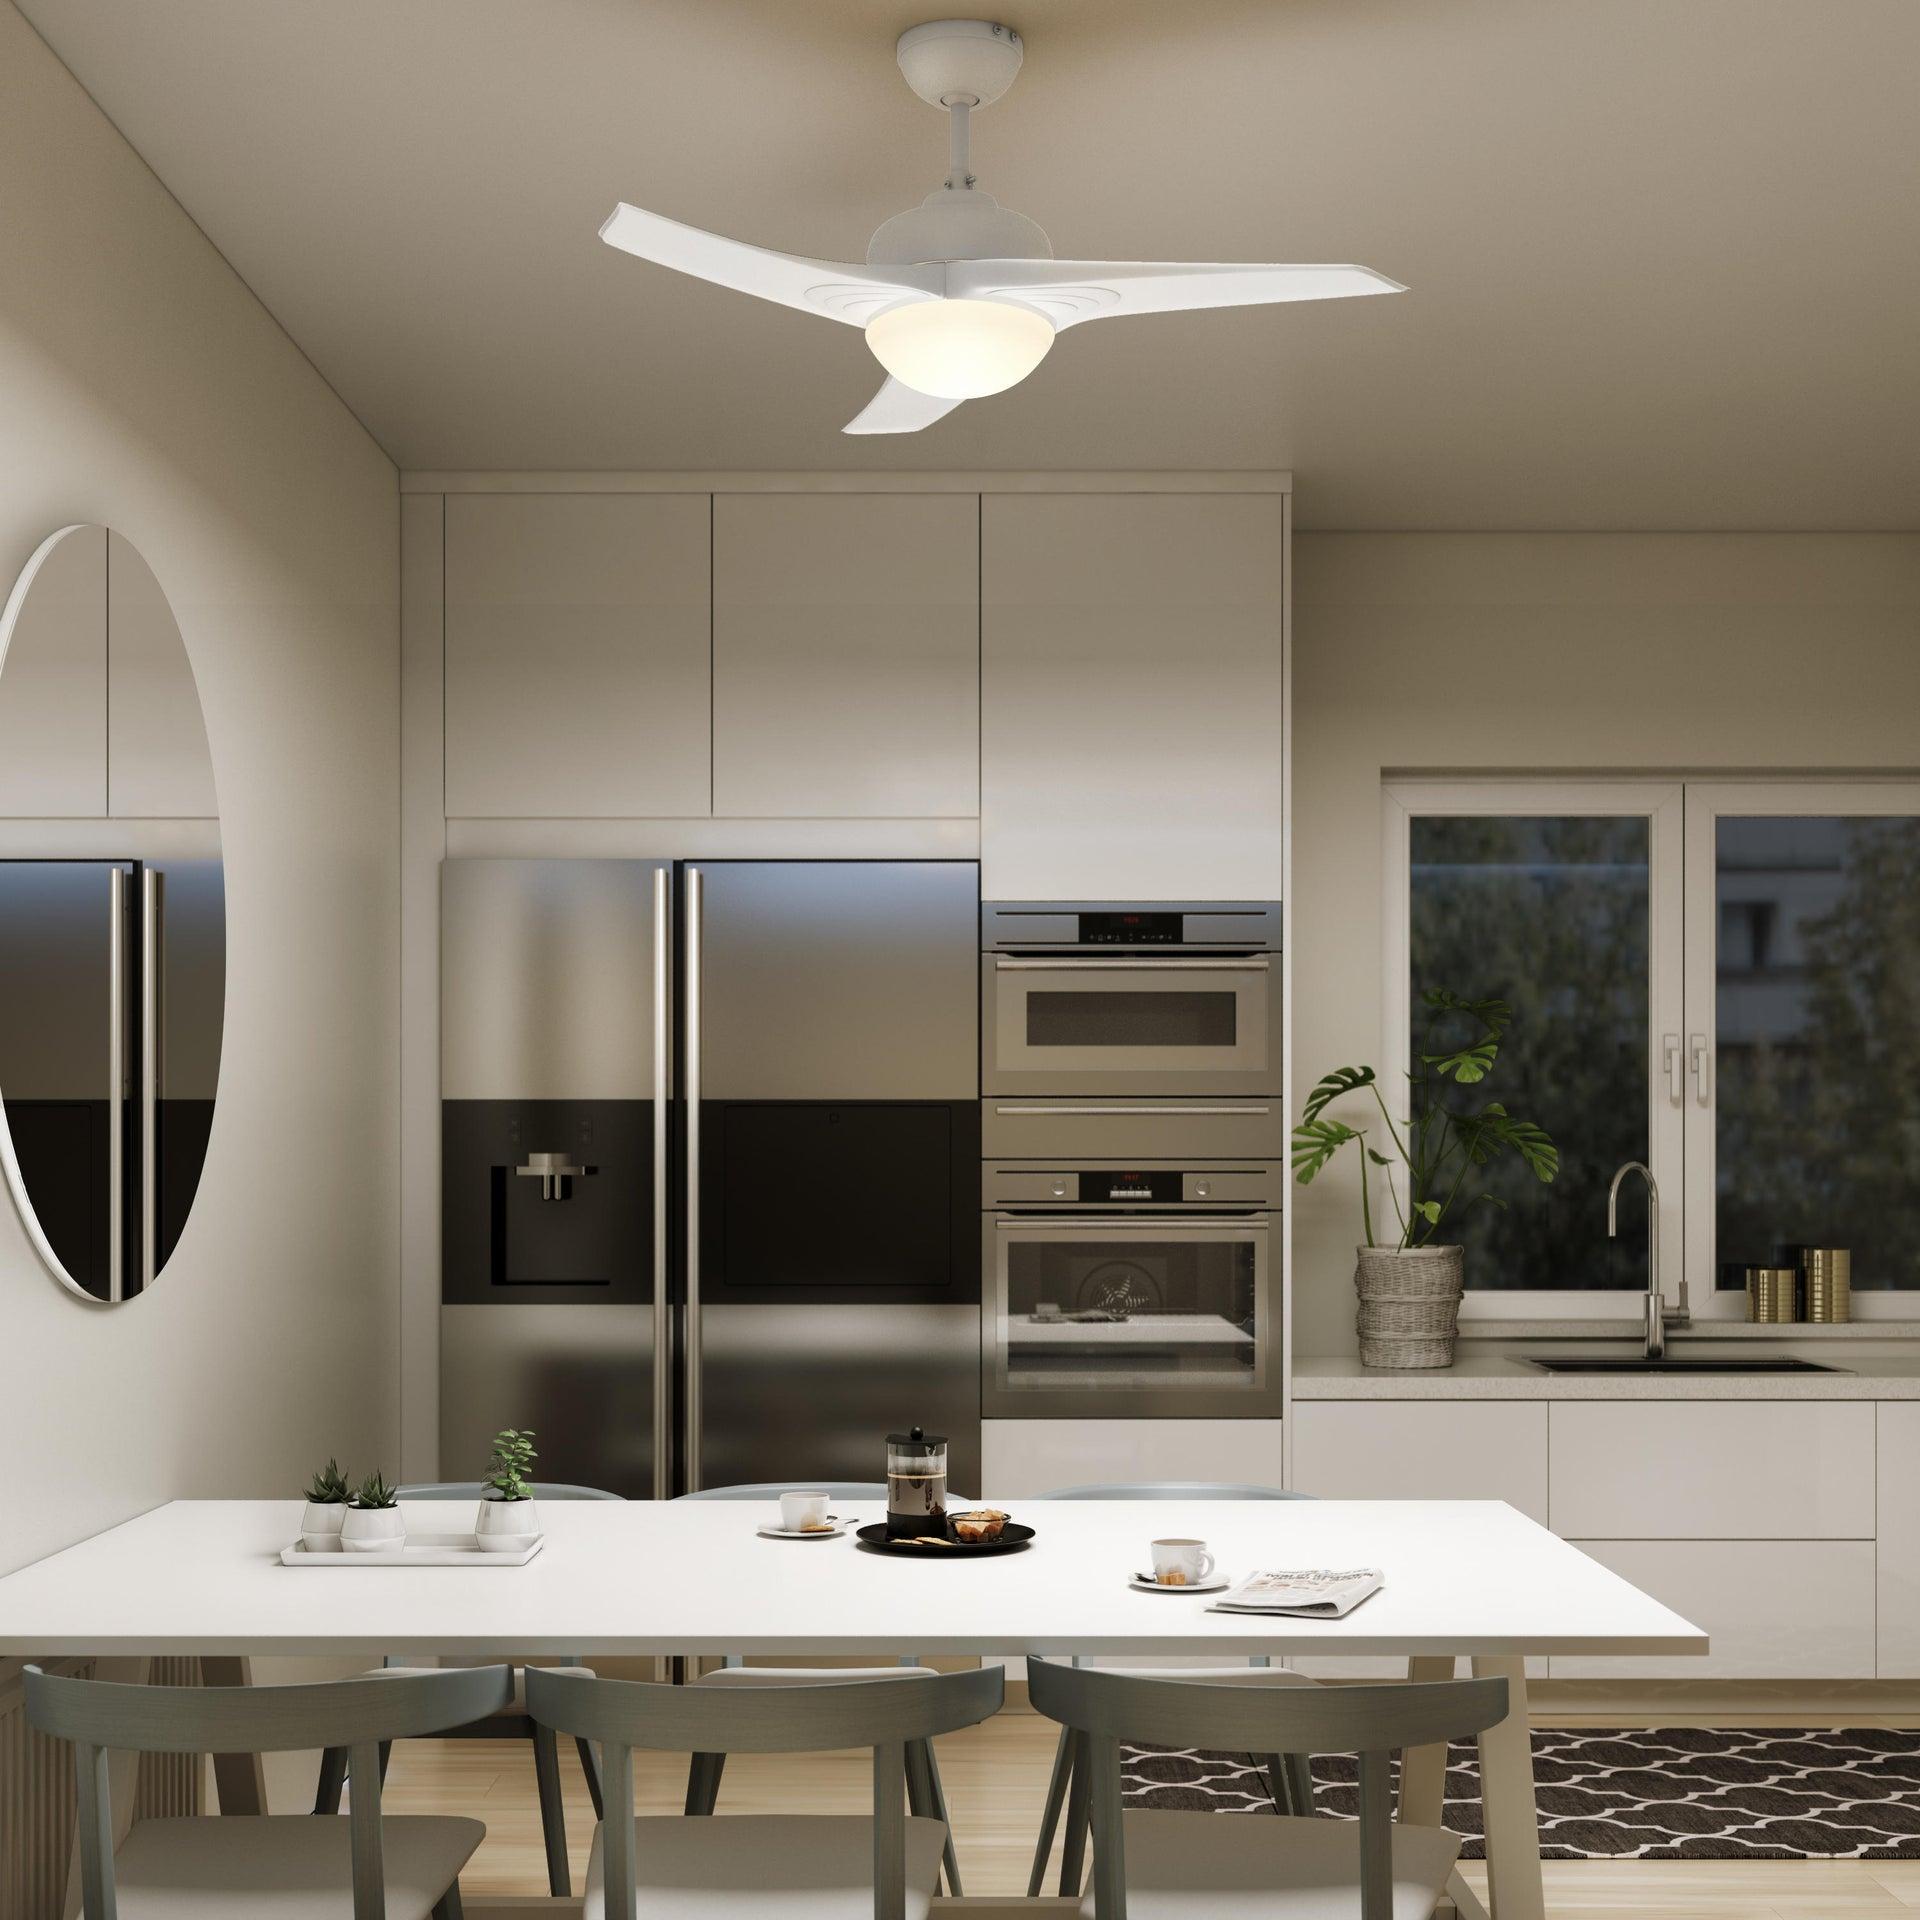 Ventilatore da soffitto Aruba, bianco, D. 112 cm , con telecomando INSPIRE - 1